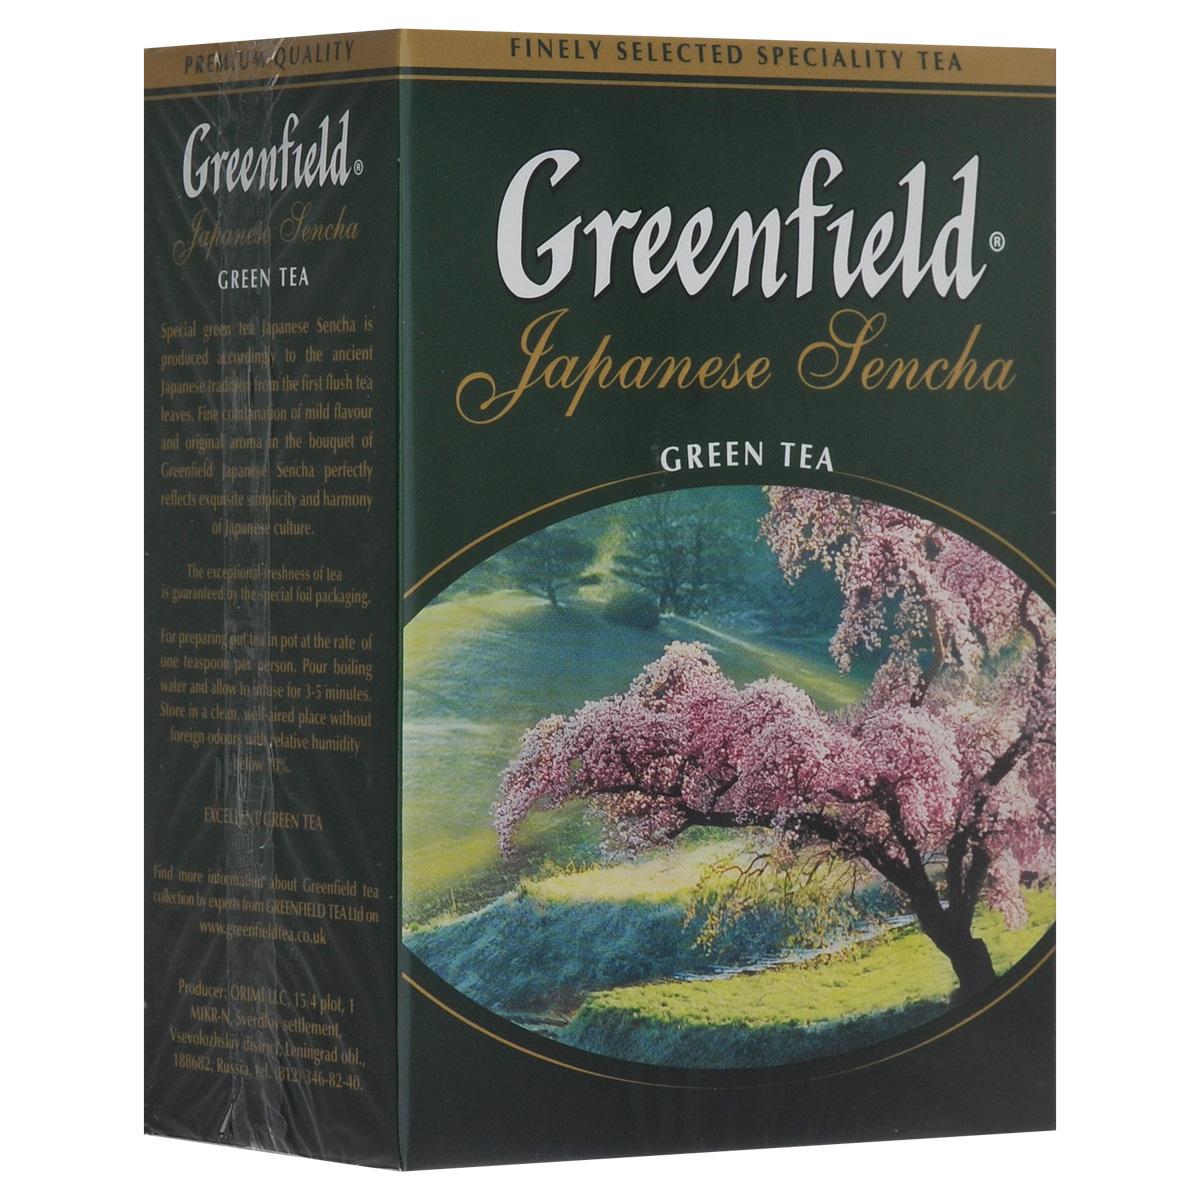 Greenfield Japanese Sencha зеленый листовой чай, 100 г0612-16Японский зеленый чай из провинции Фукуока. Изготавливается по особой технологии: на несколько дней перед сбором чайные кусты затеняют тростниковым или бамбуковым покрытием, чтобы усилить ароматические свойства чая. Собранные чайные листочки не сушат, как принято в других «чайных» странах, а обрабатывают паром и слегка сплющивают, поэтому на вид готовая сенча напоминает остренькие зеленые иголочки. А климатические условия страны, островное расположение плантаций, особенности почв, дают чаю самобытный сложный вкусовой букет. Джапаниз Сенча - необычный чай, в нем явно ощущается тонкий сливочный вкус и легкий аромат моря - так может пахнуть соленый прибой.Всё о чае: сорта, факты, советы по выбору и употреблению. Статья OZON Гид